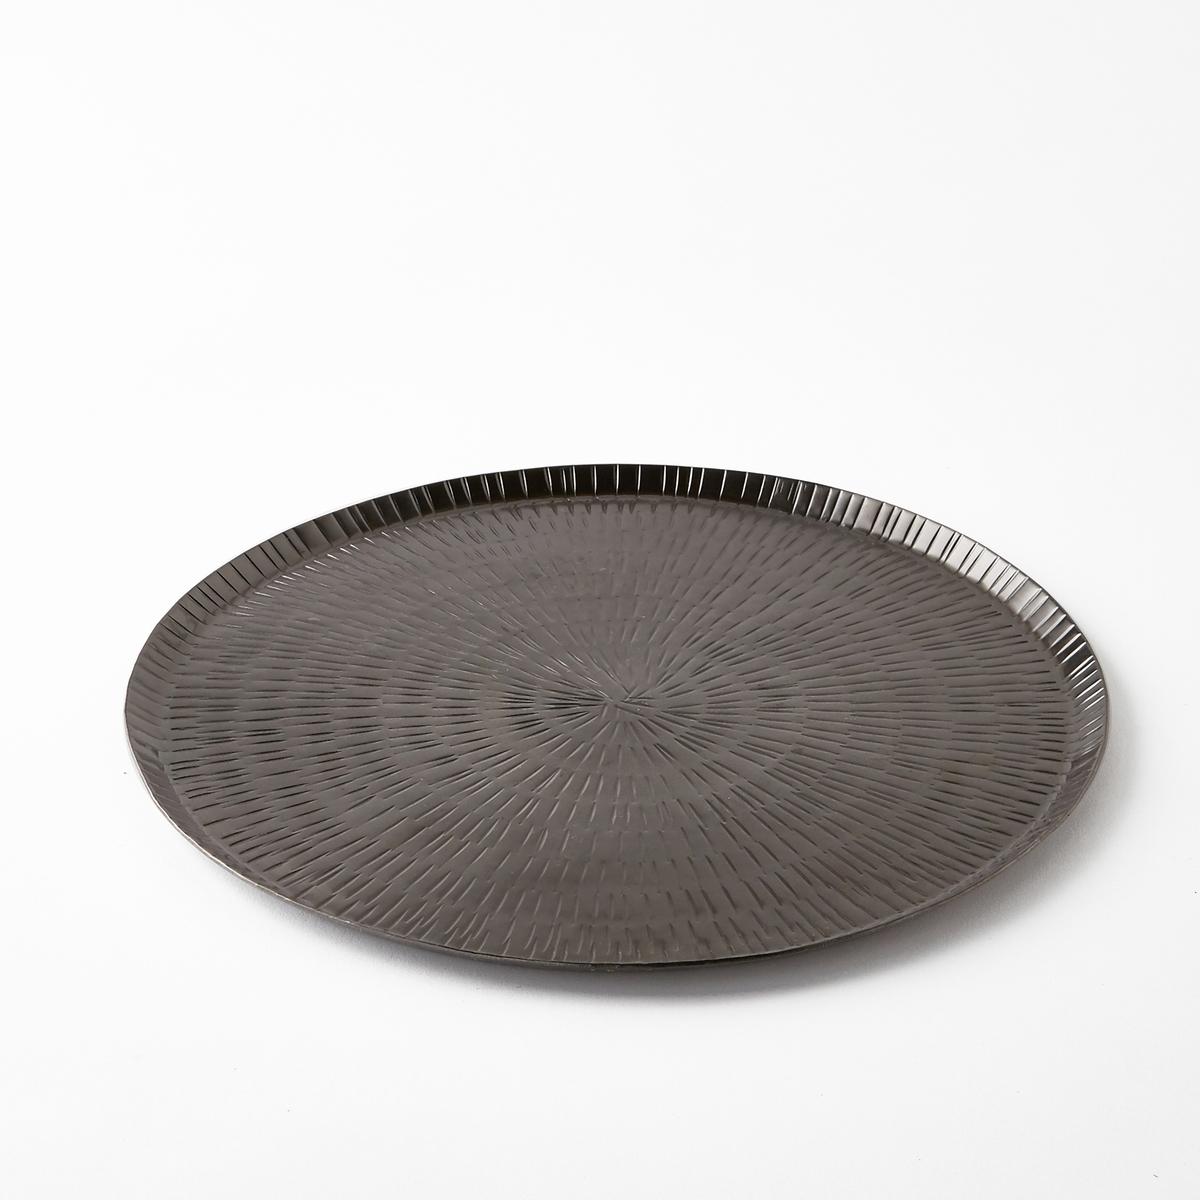 Поднос металлический кованый Sahani, диаметр 45 см<br><br>Цвет: темно-серый